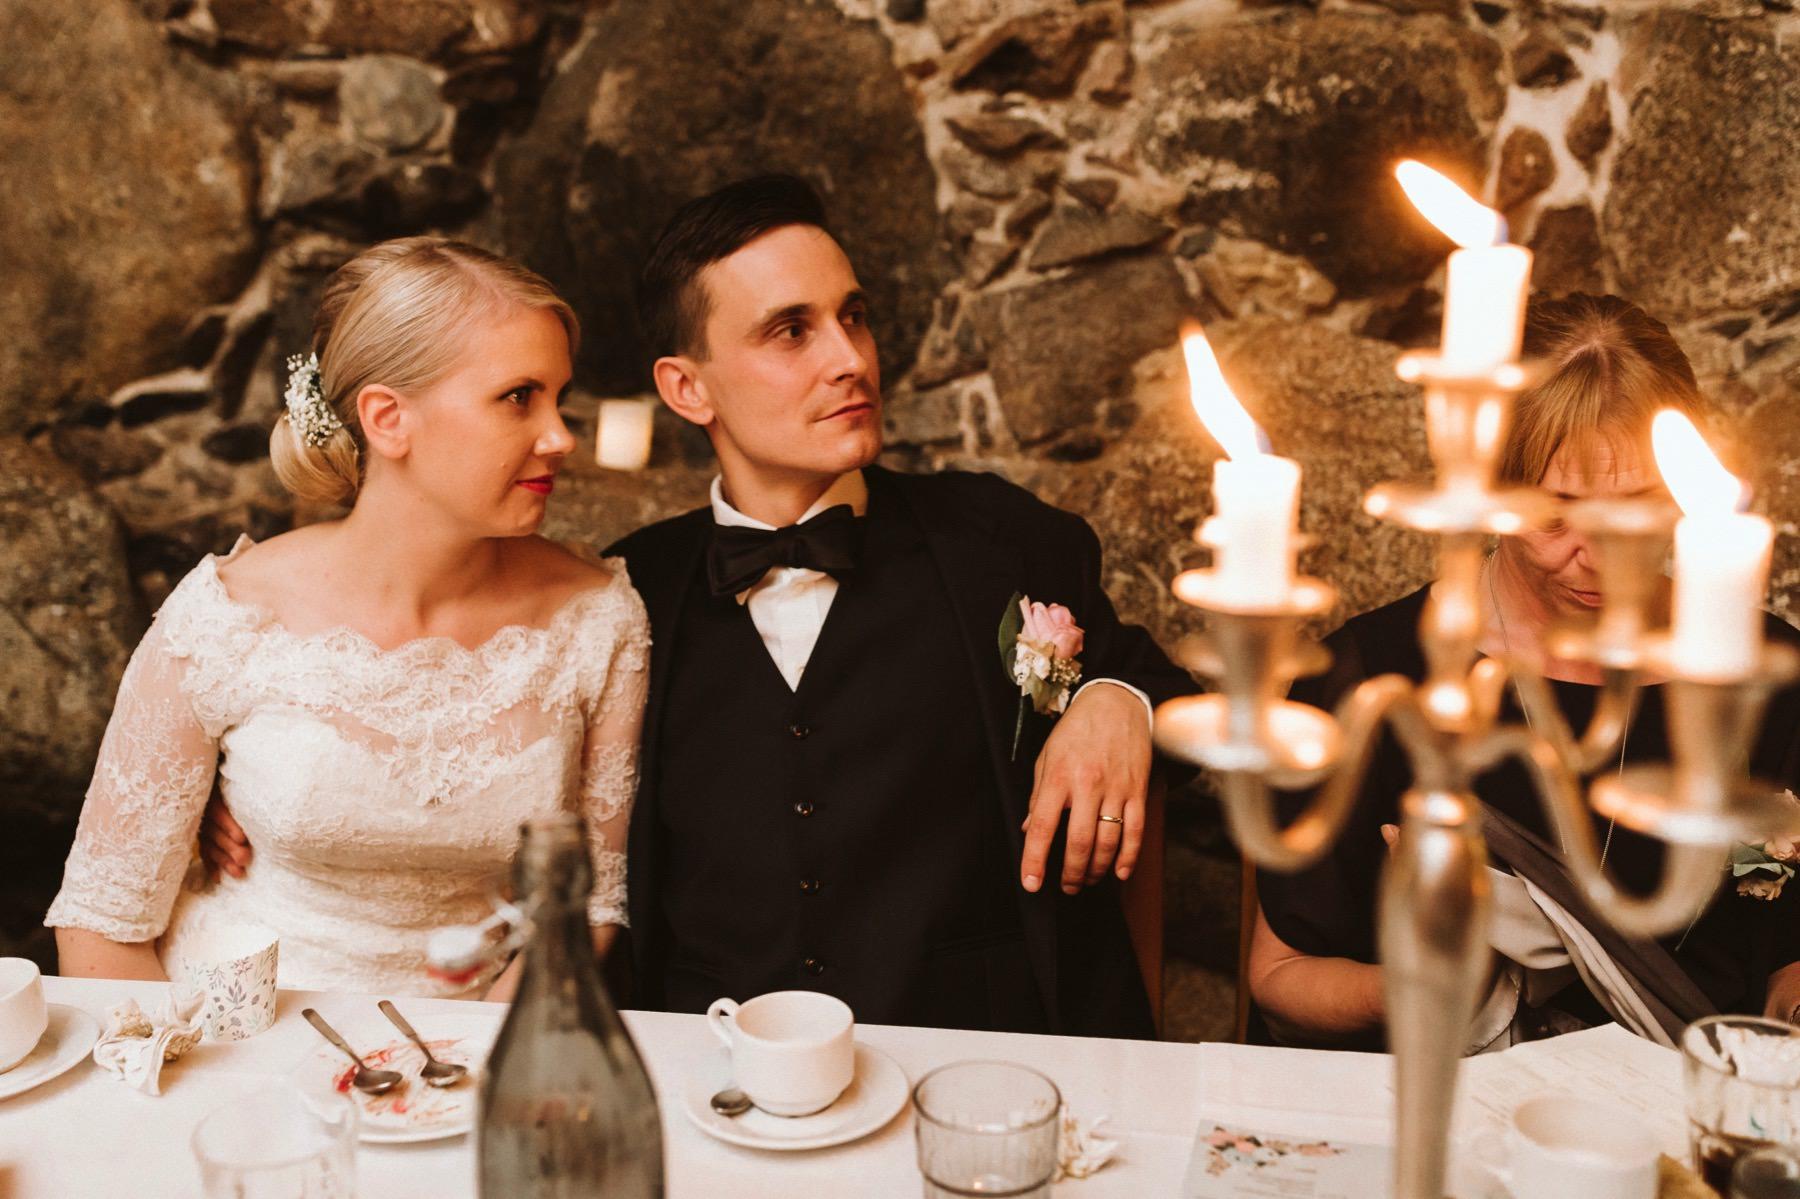 wedding in a cellar